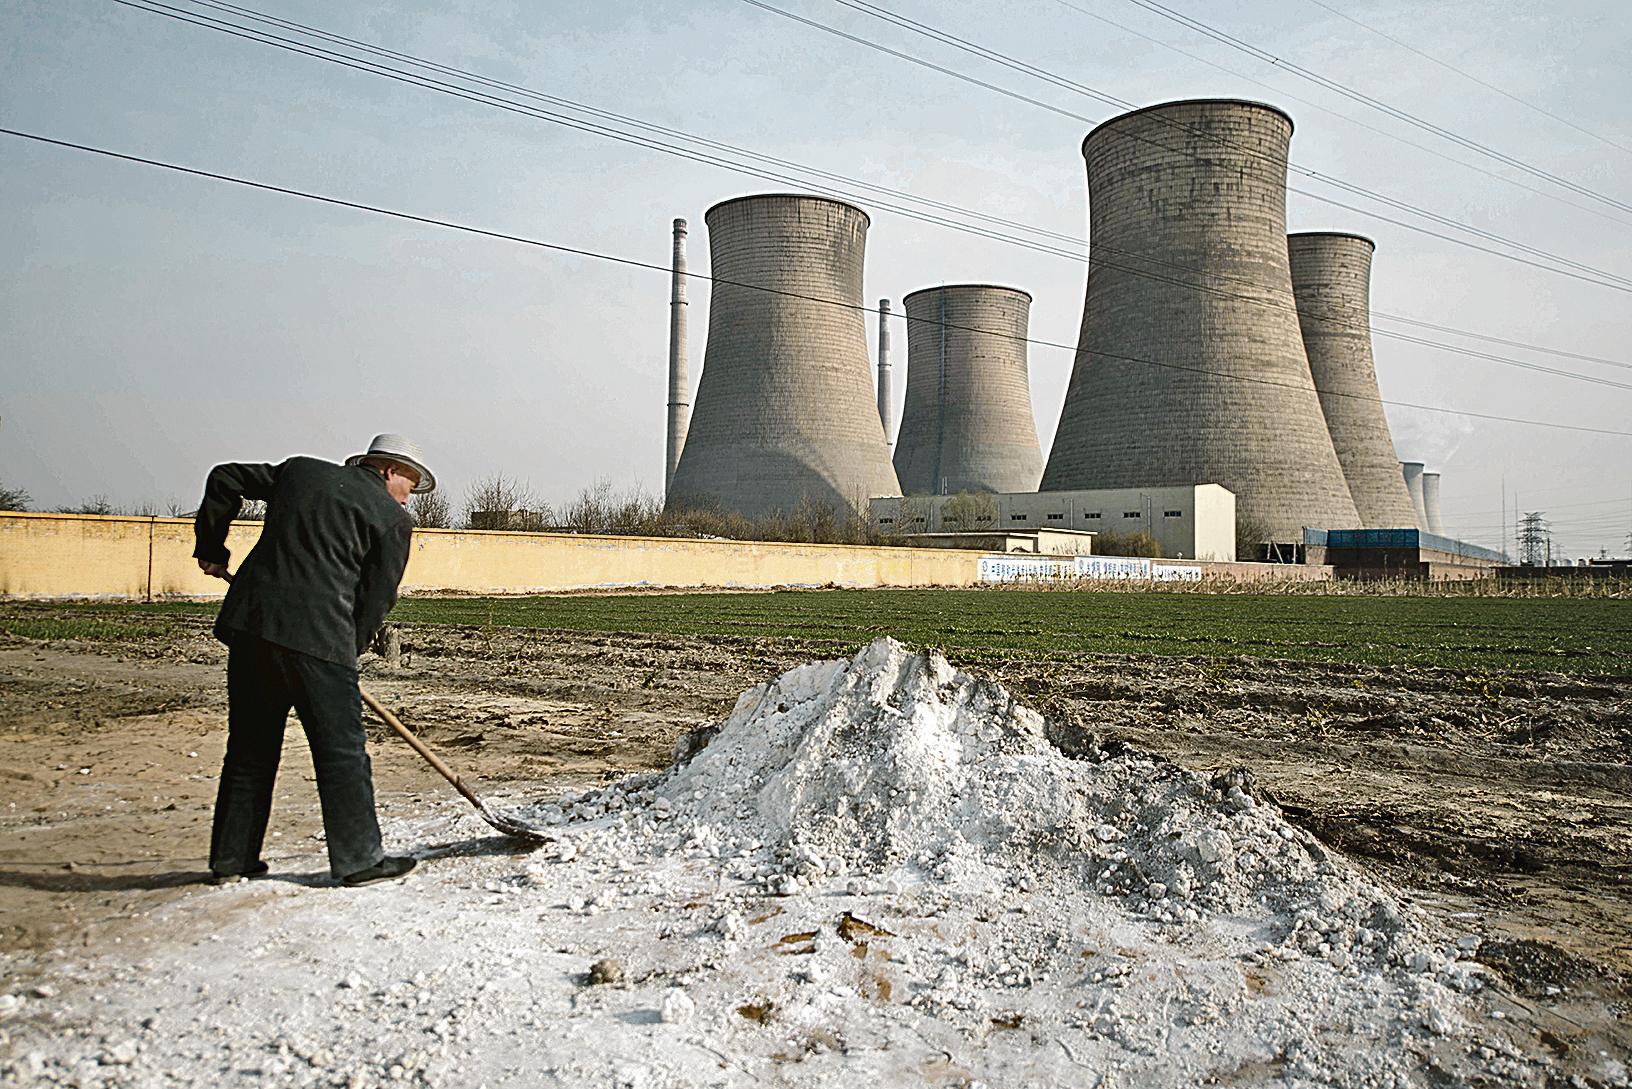 土壤污染不僅牽涉環境污染與生態破壞問題,更導致食品問題危害公眾健康。圖為河北邢台農田邊的化工廠。(AFP)